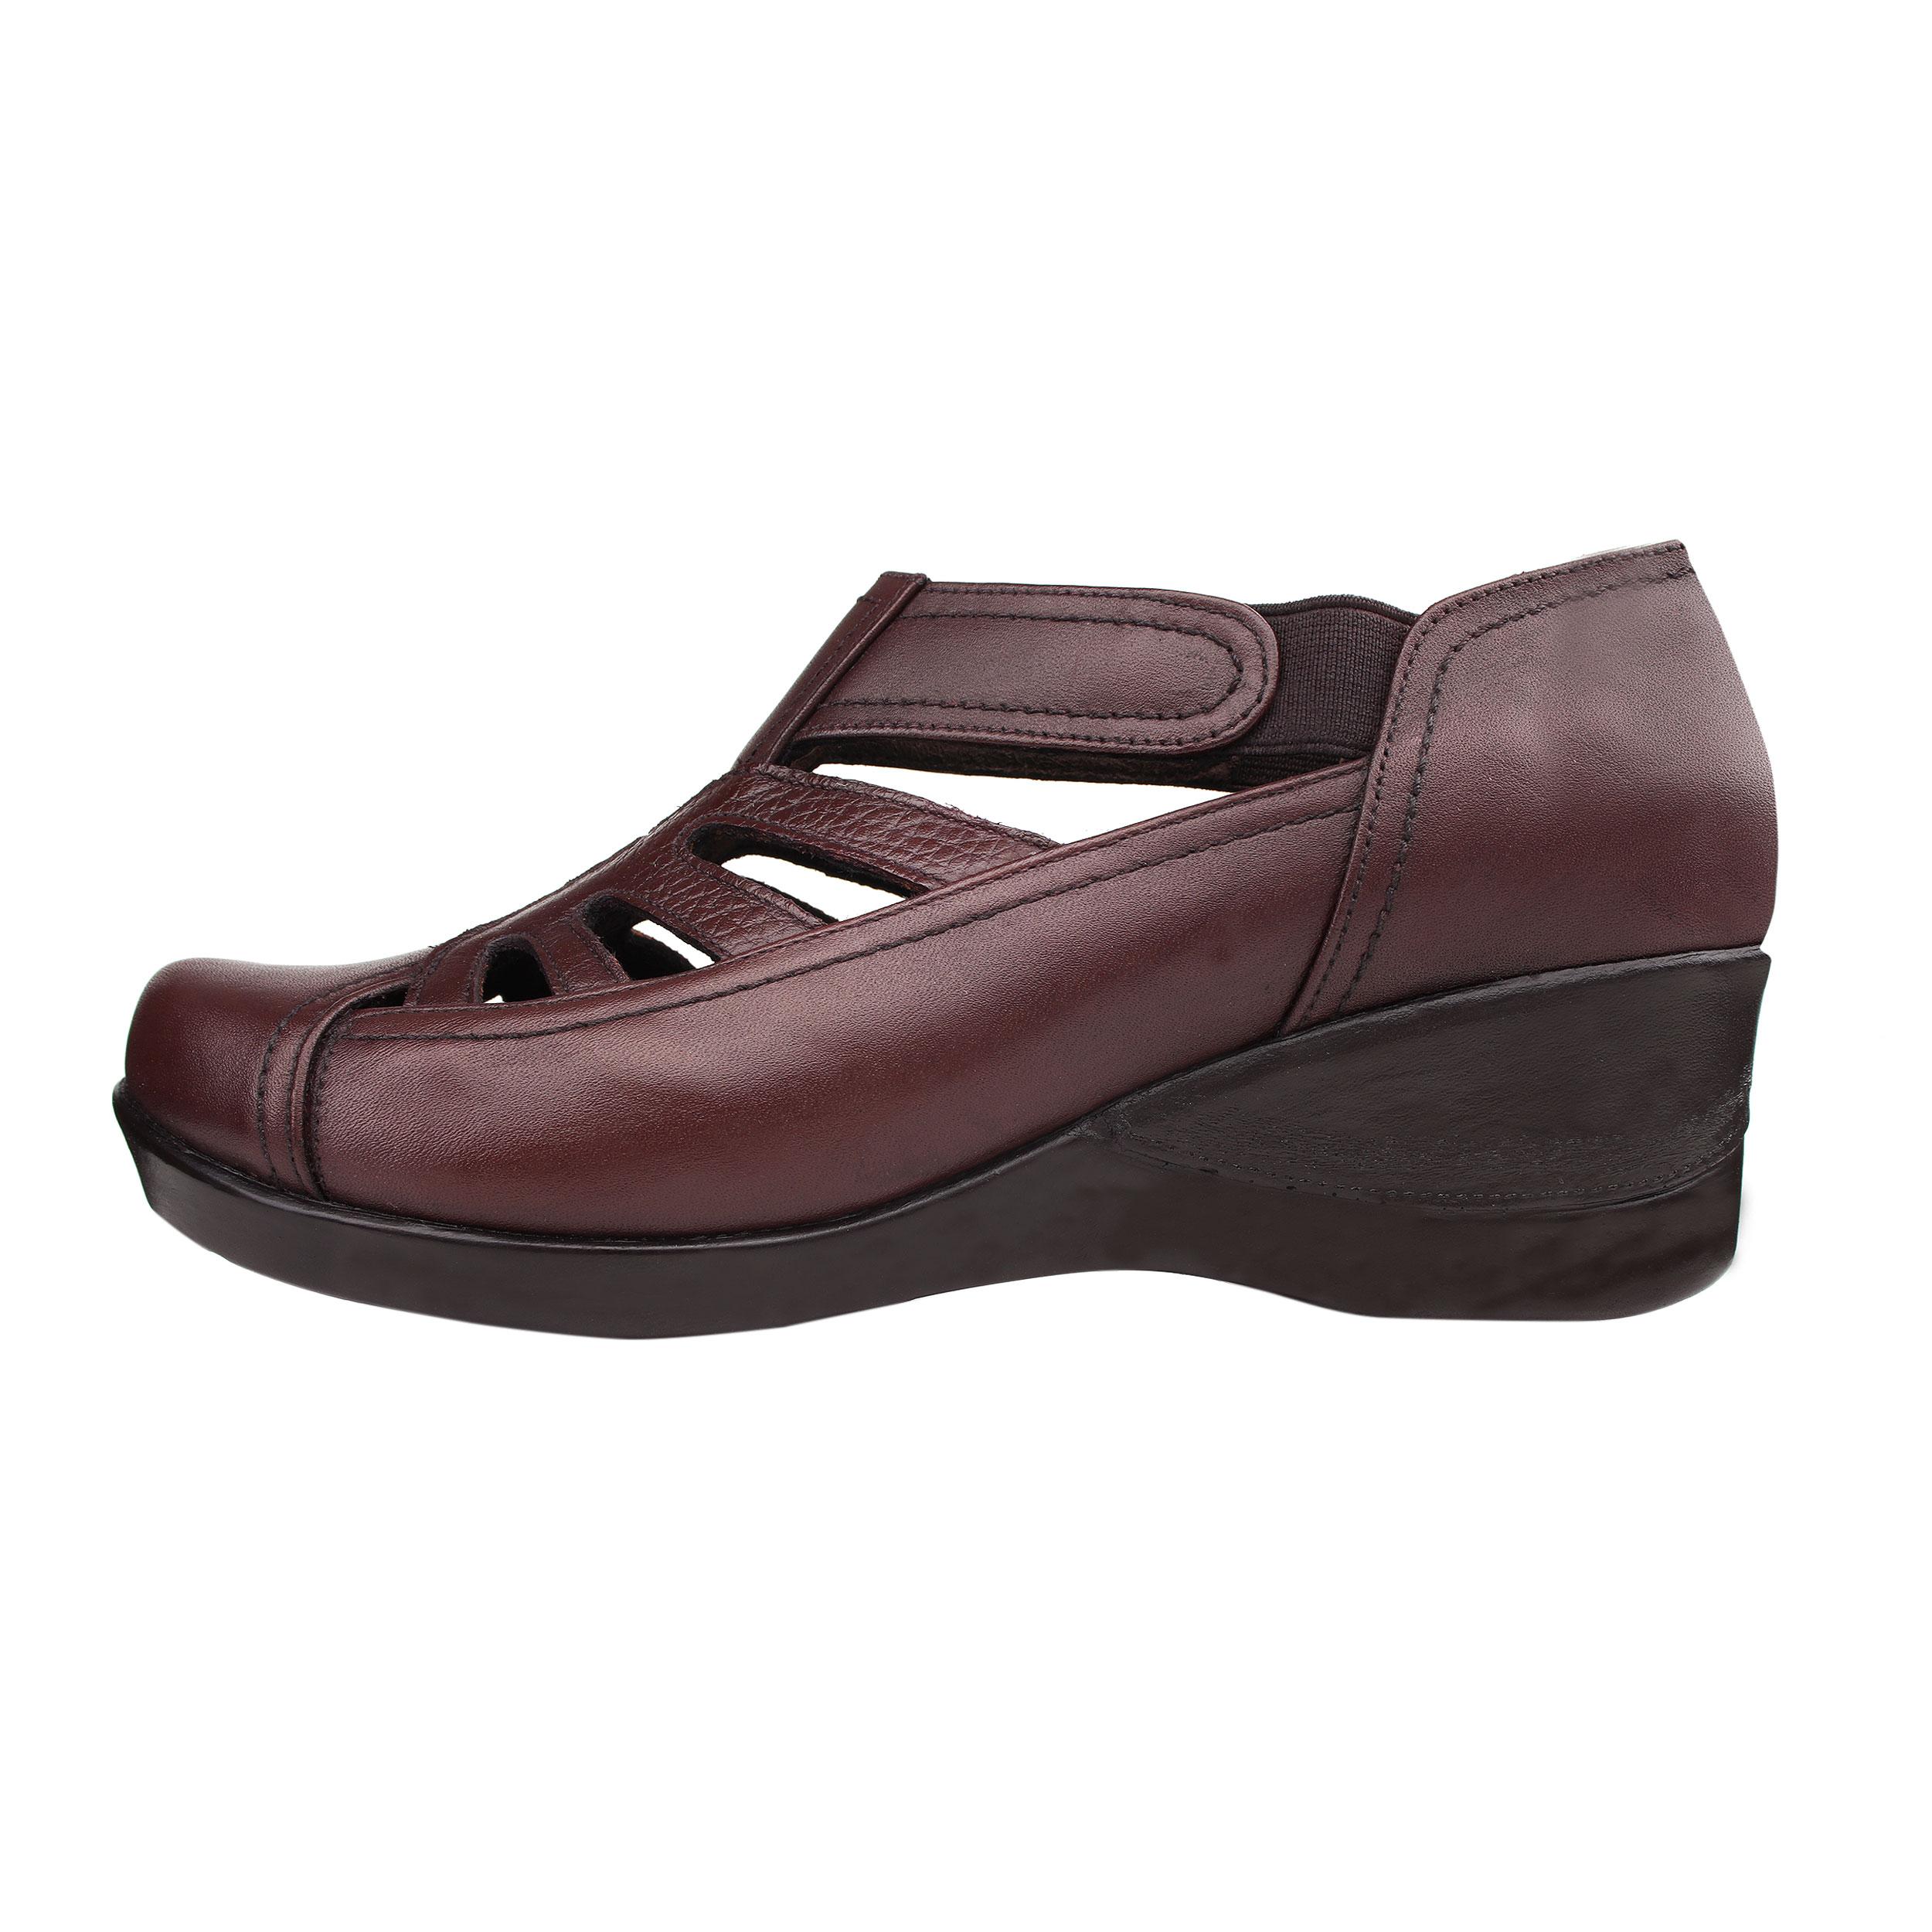 کفش طبی زنانه روشن مدل 495 کد 22